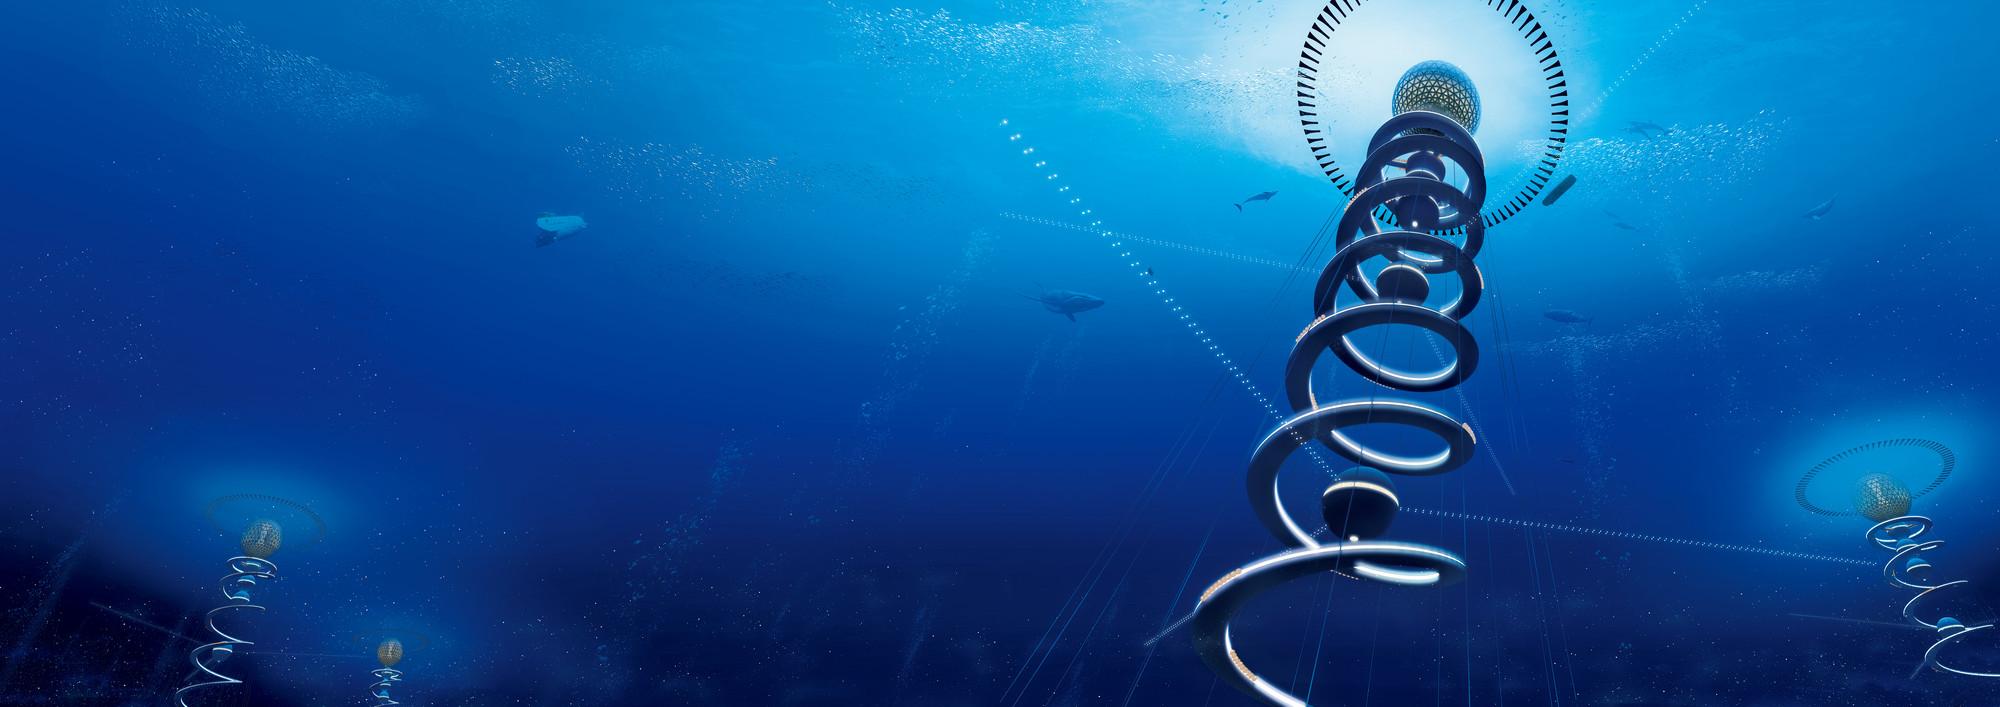 Image result for Shimizu Corporation's 'Ocean Spiral'